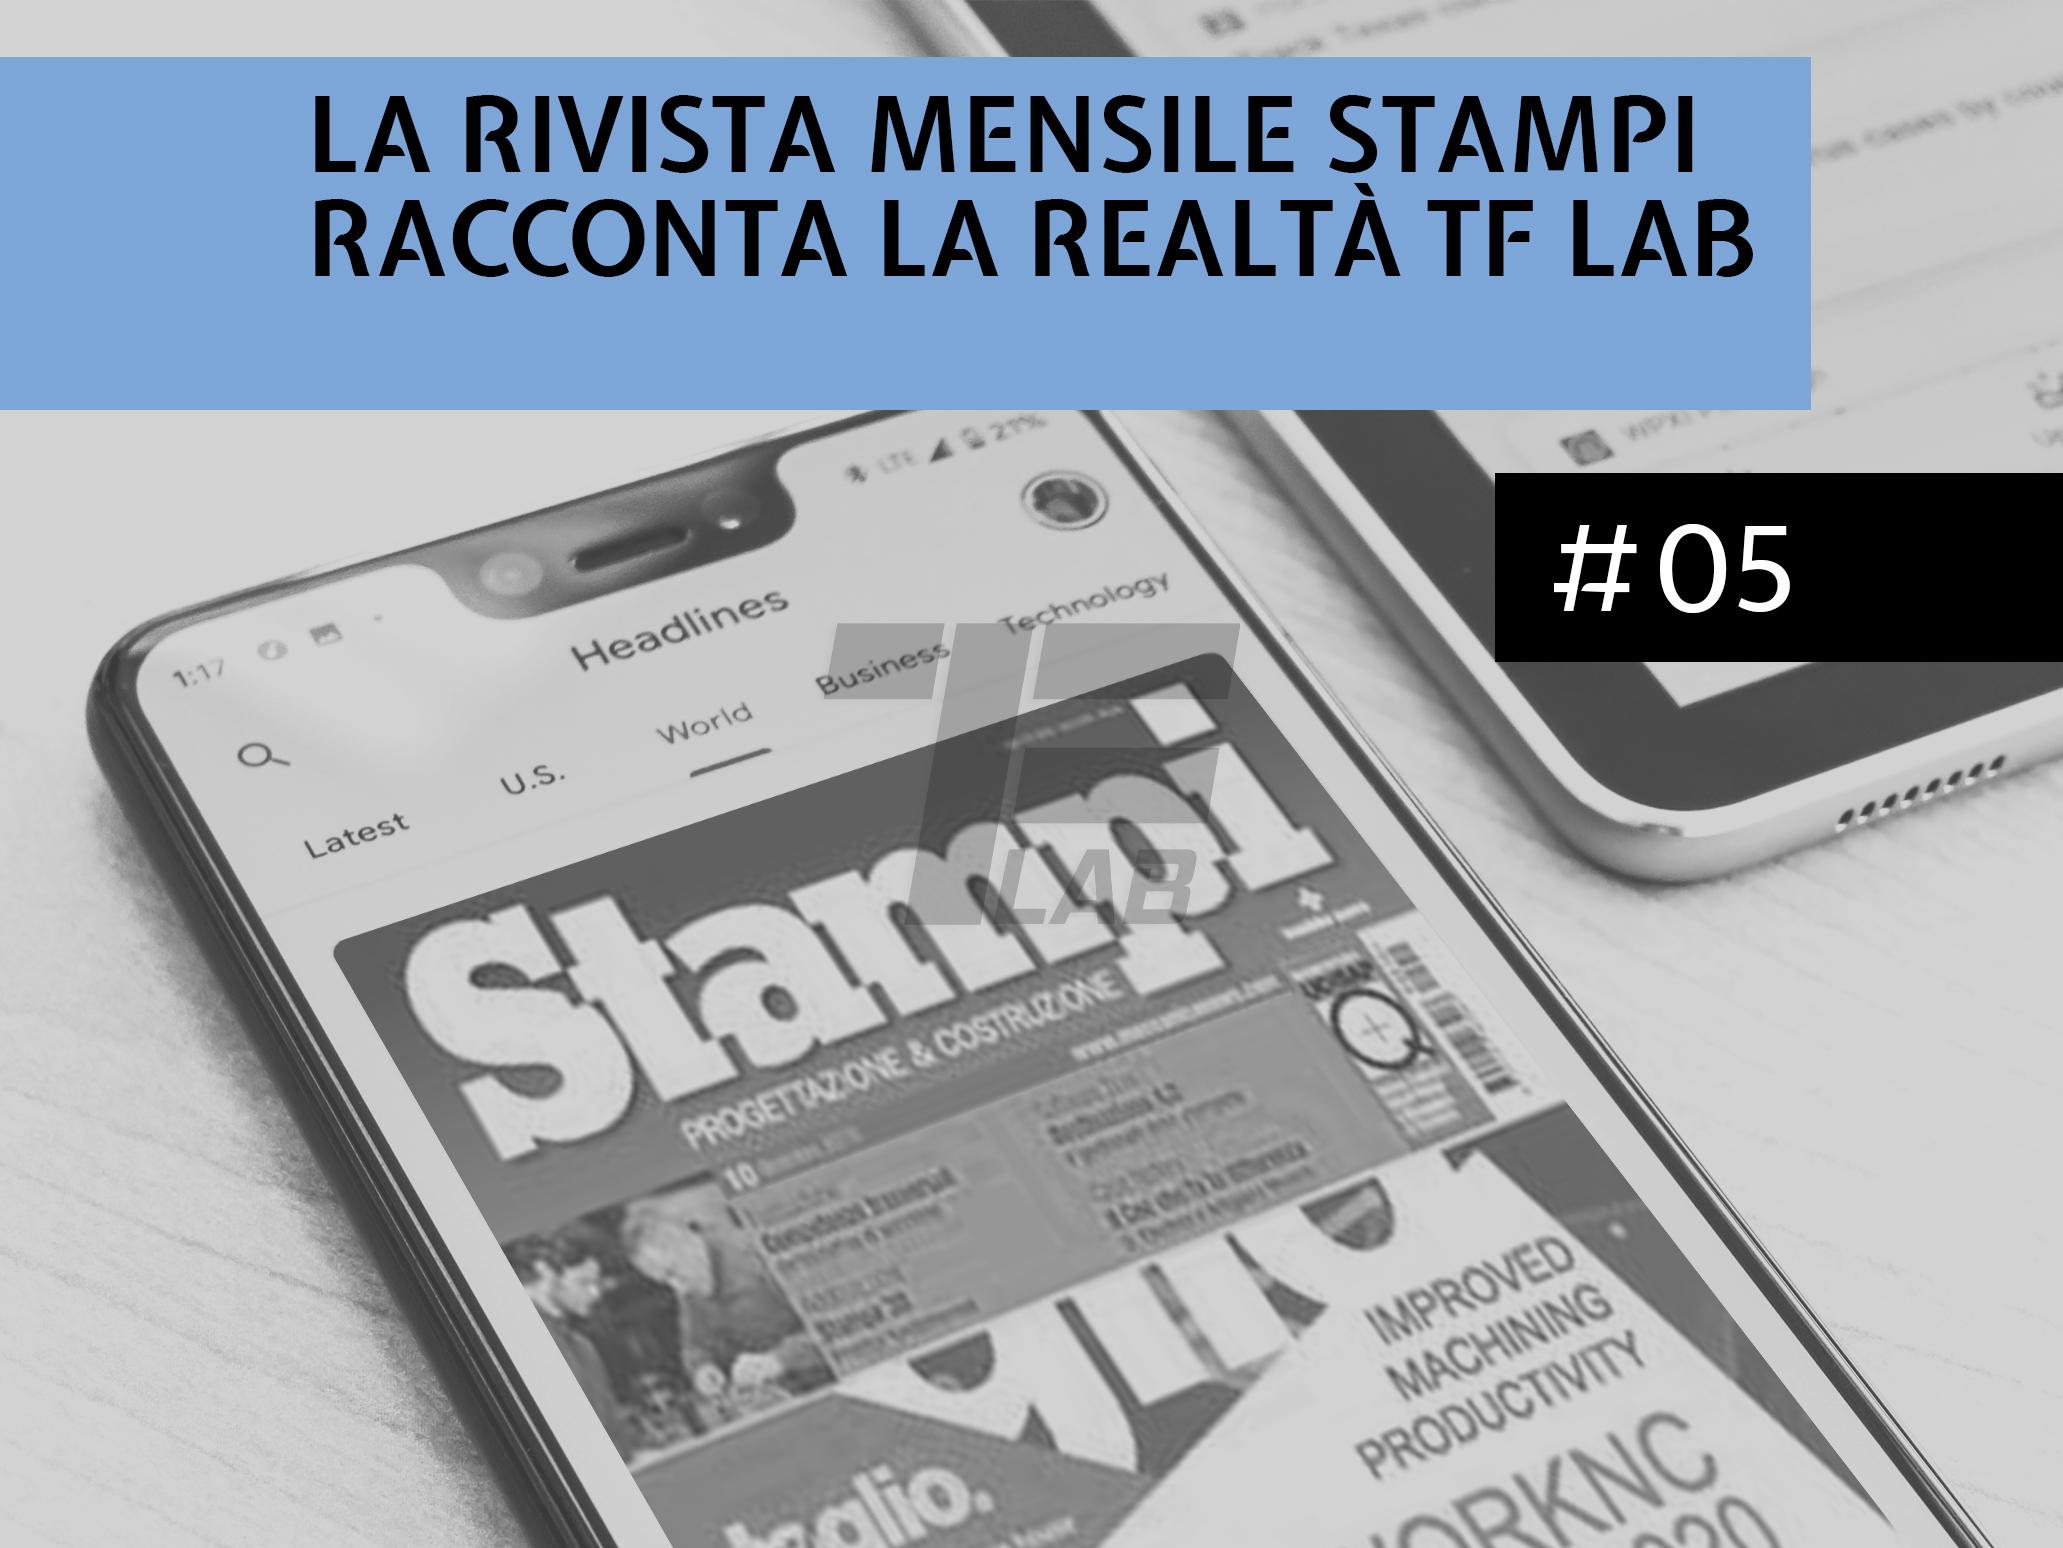 La rivista mensile Stampi racconta la realtà TF Lab